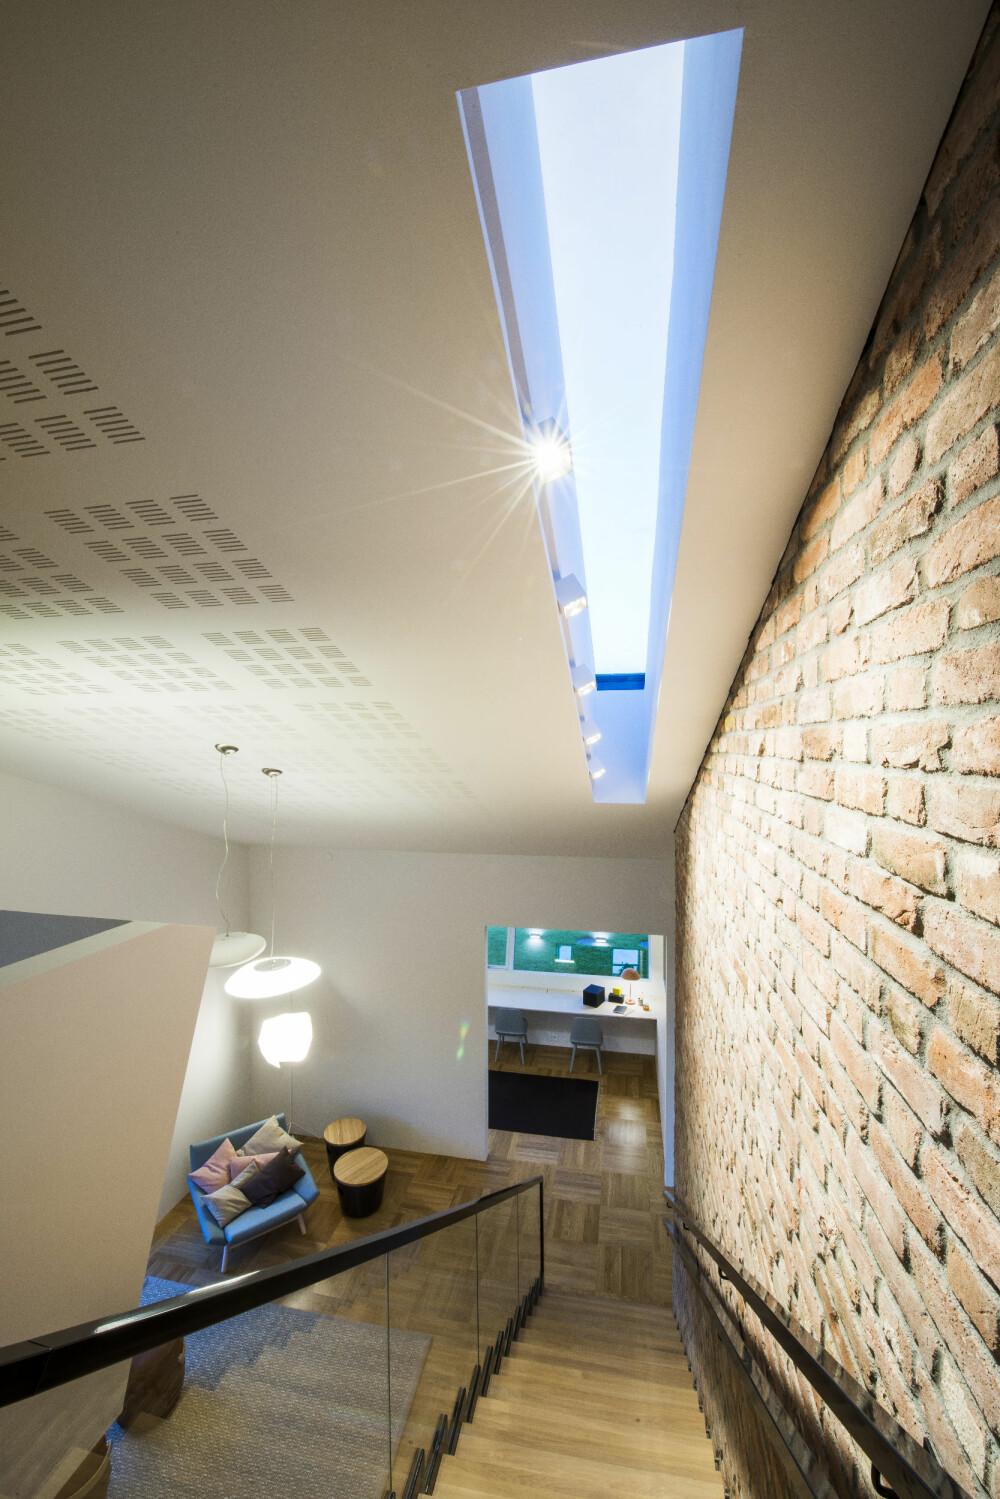 VARMELAGRING: Det var avgjørende å bruke materialer som hadde en god varmelagringsevne, derfor ble det blant annet brukt mursten innvendig på noen av veggene.